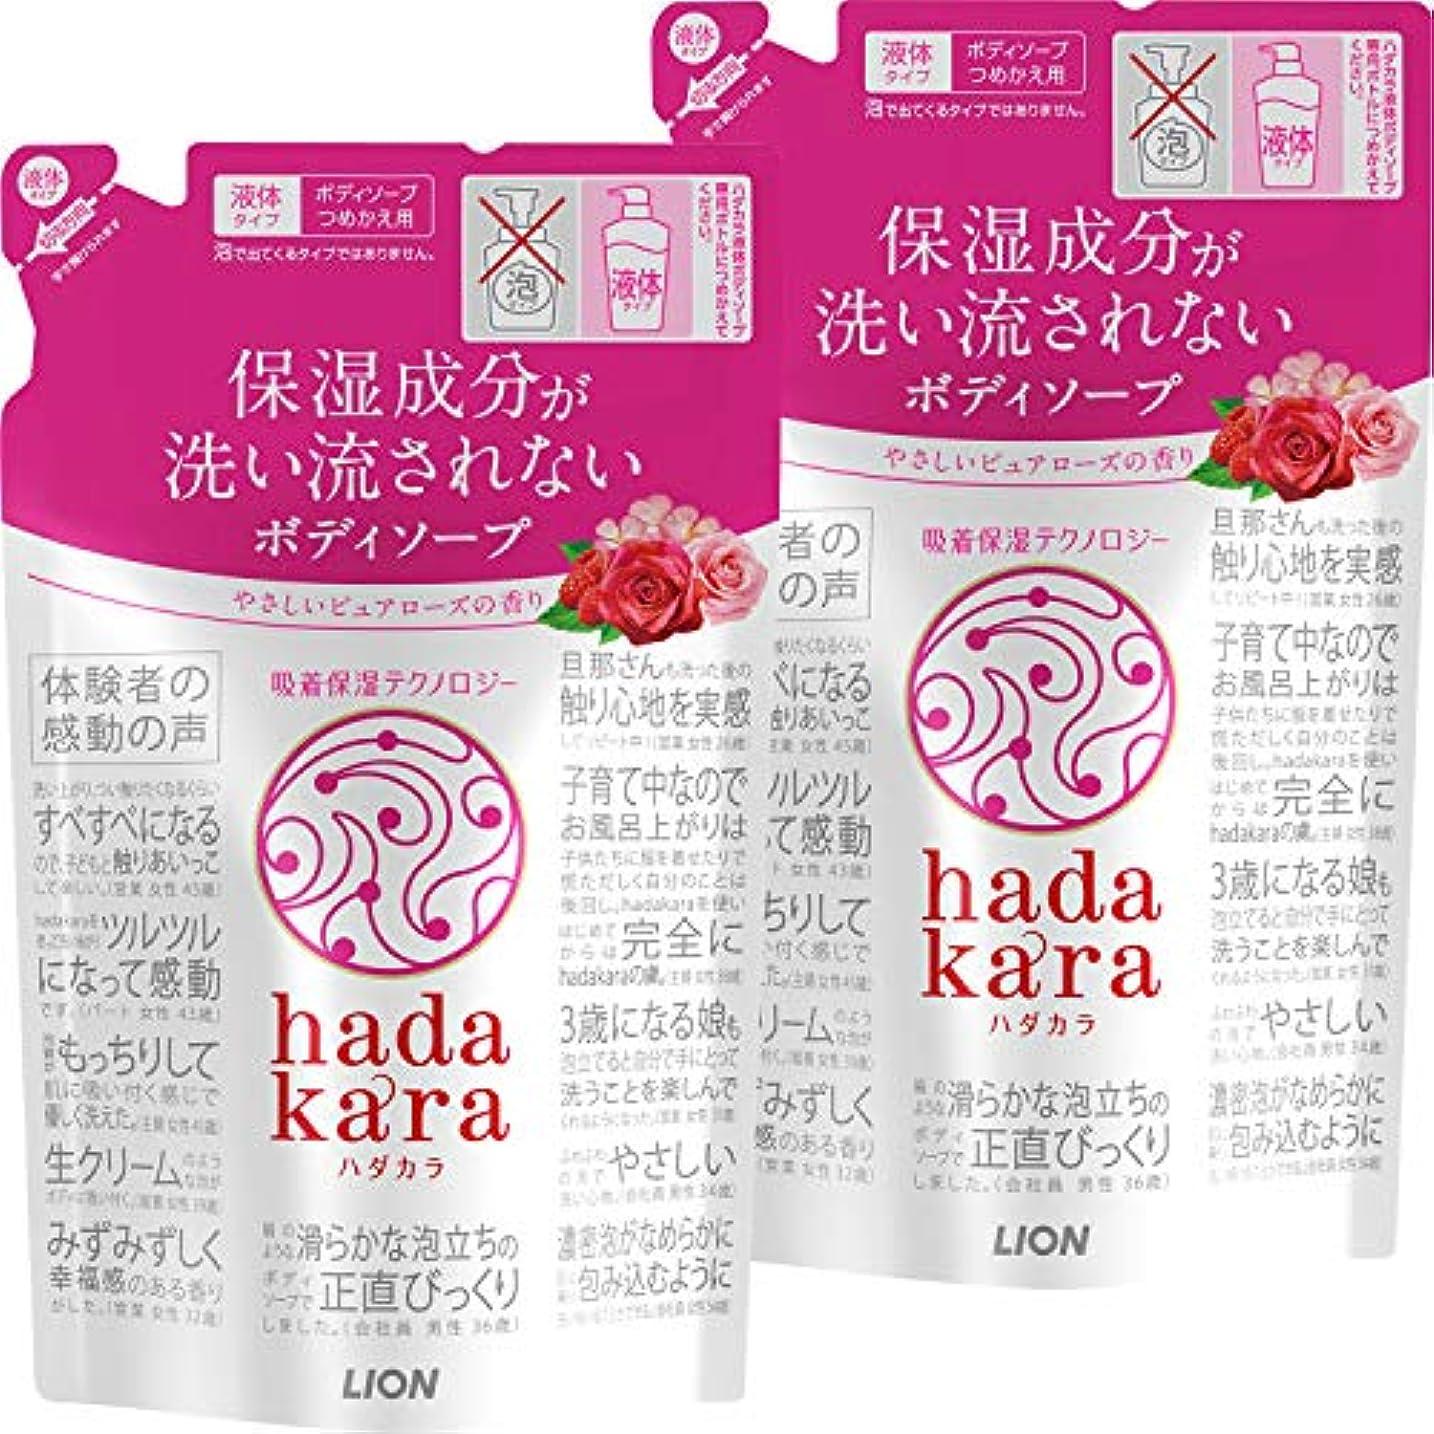 フレームワーク脅かすシュガー【まとめ買い】hadakara(ハダカラ) ボディソープ ピュアローズの香り 詰め替え 360ml×2個パック